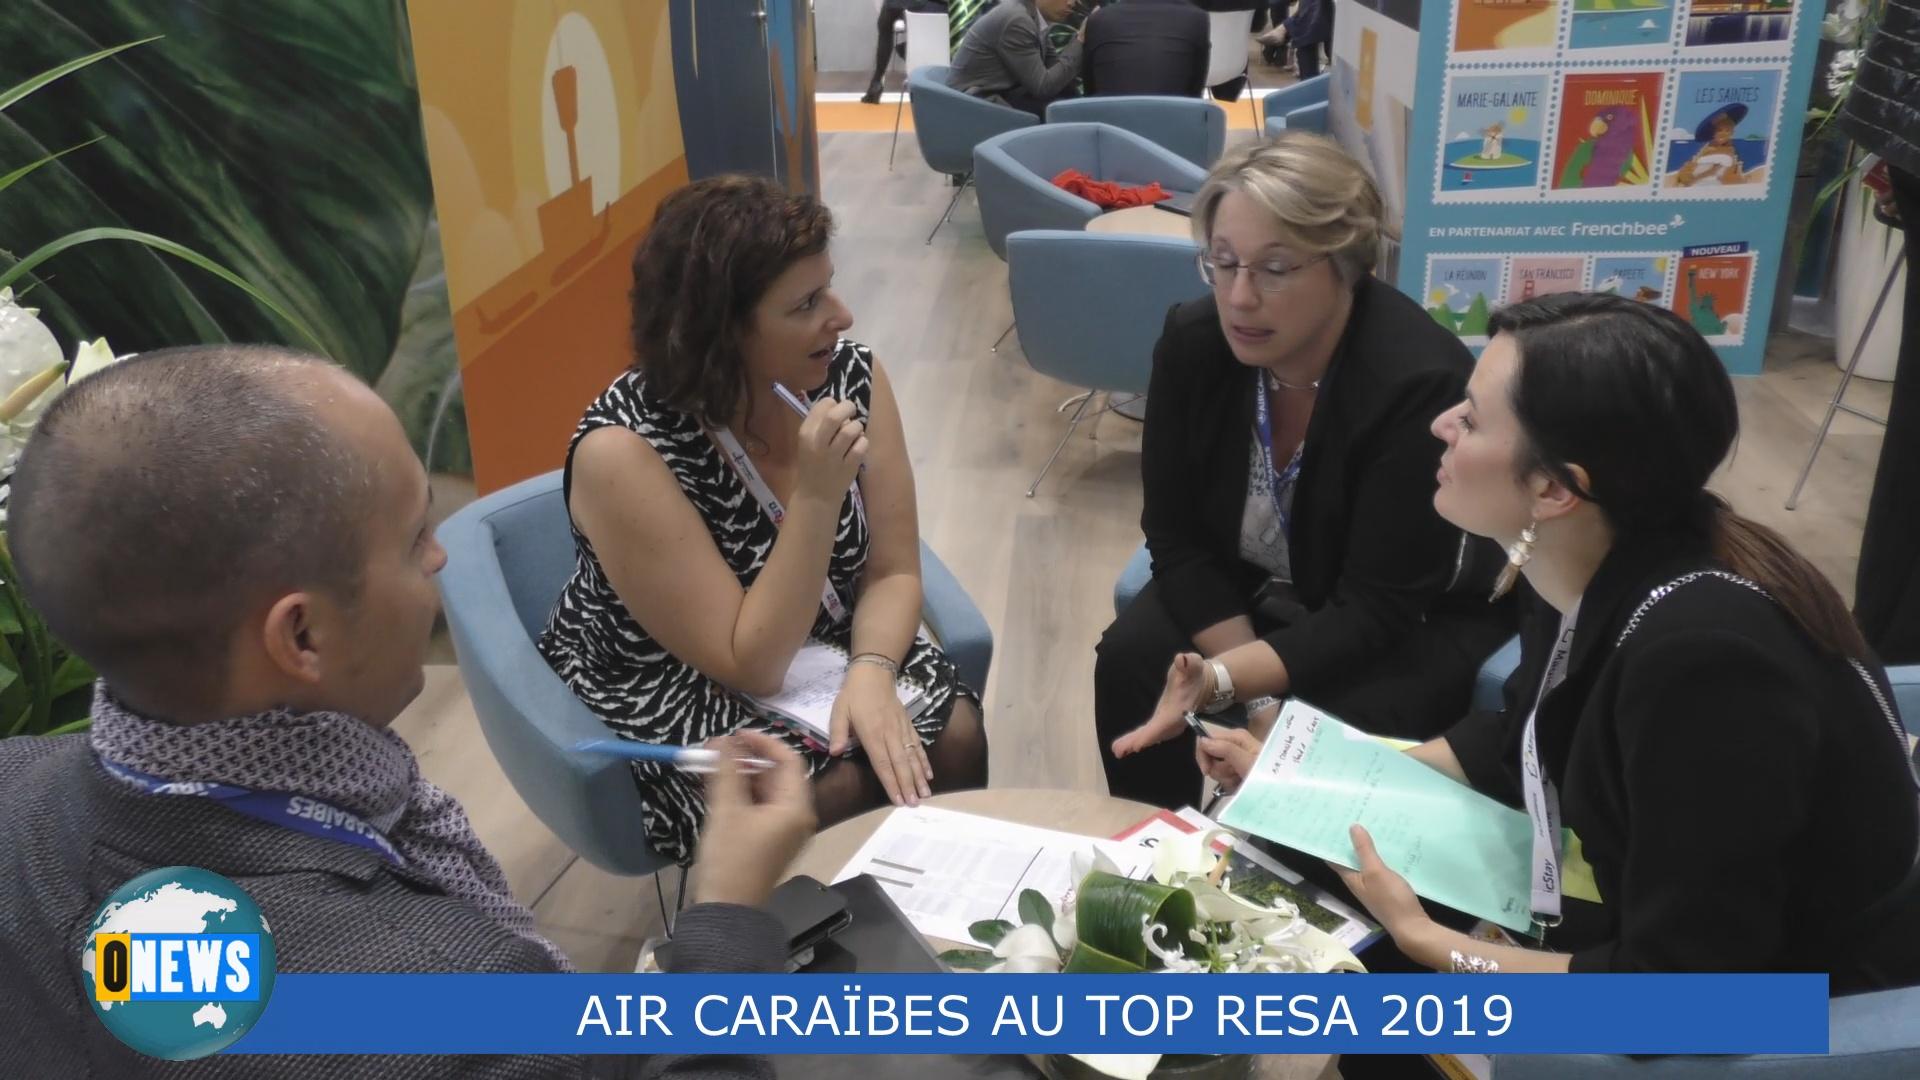 [Vidéo] HEXAGONE. Onews depuis le Top resa Porte de Versailles; Interview de Olivier BESNARD Directeur Général de Air Caraïbes